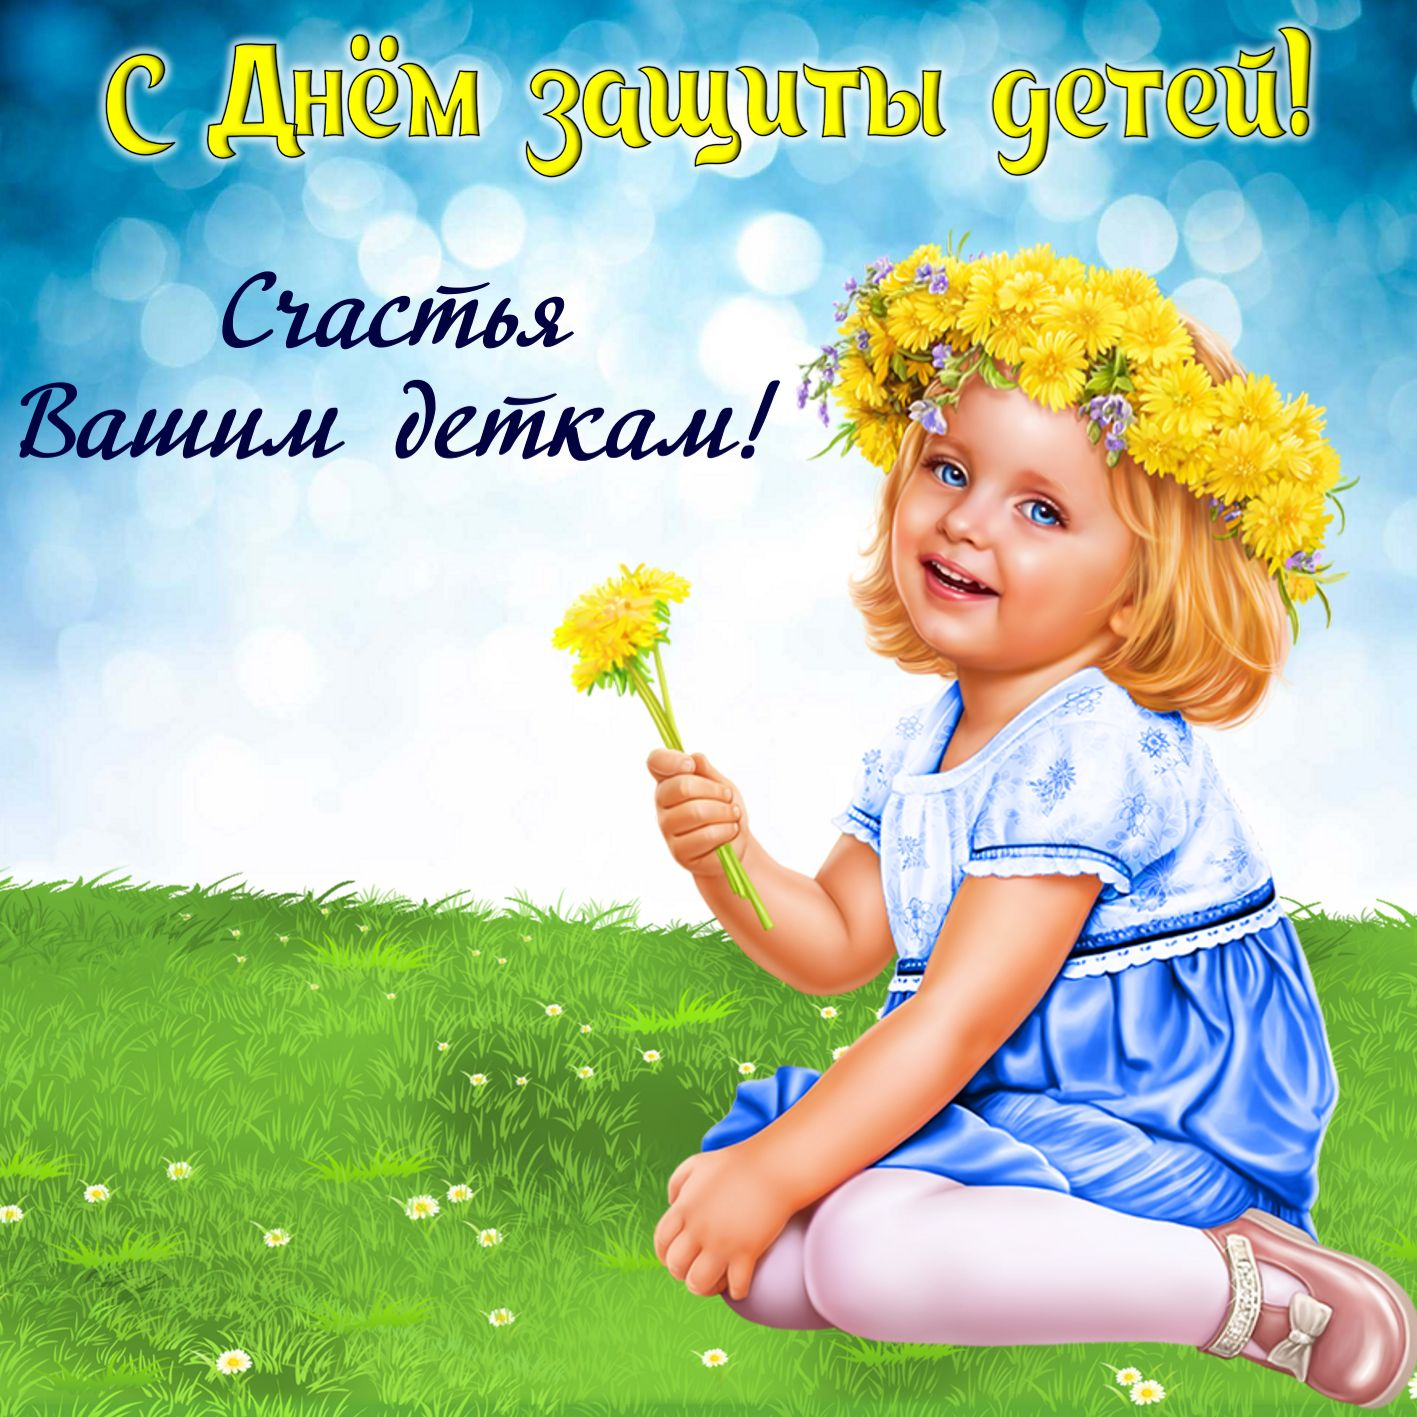 Картинка с поздравлением день защиты детей